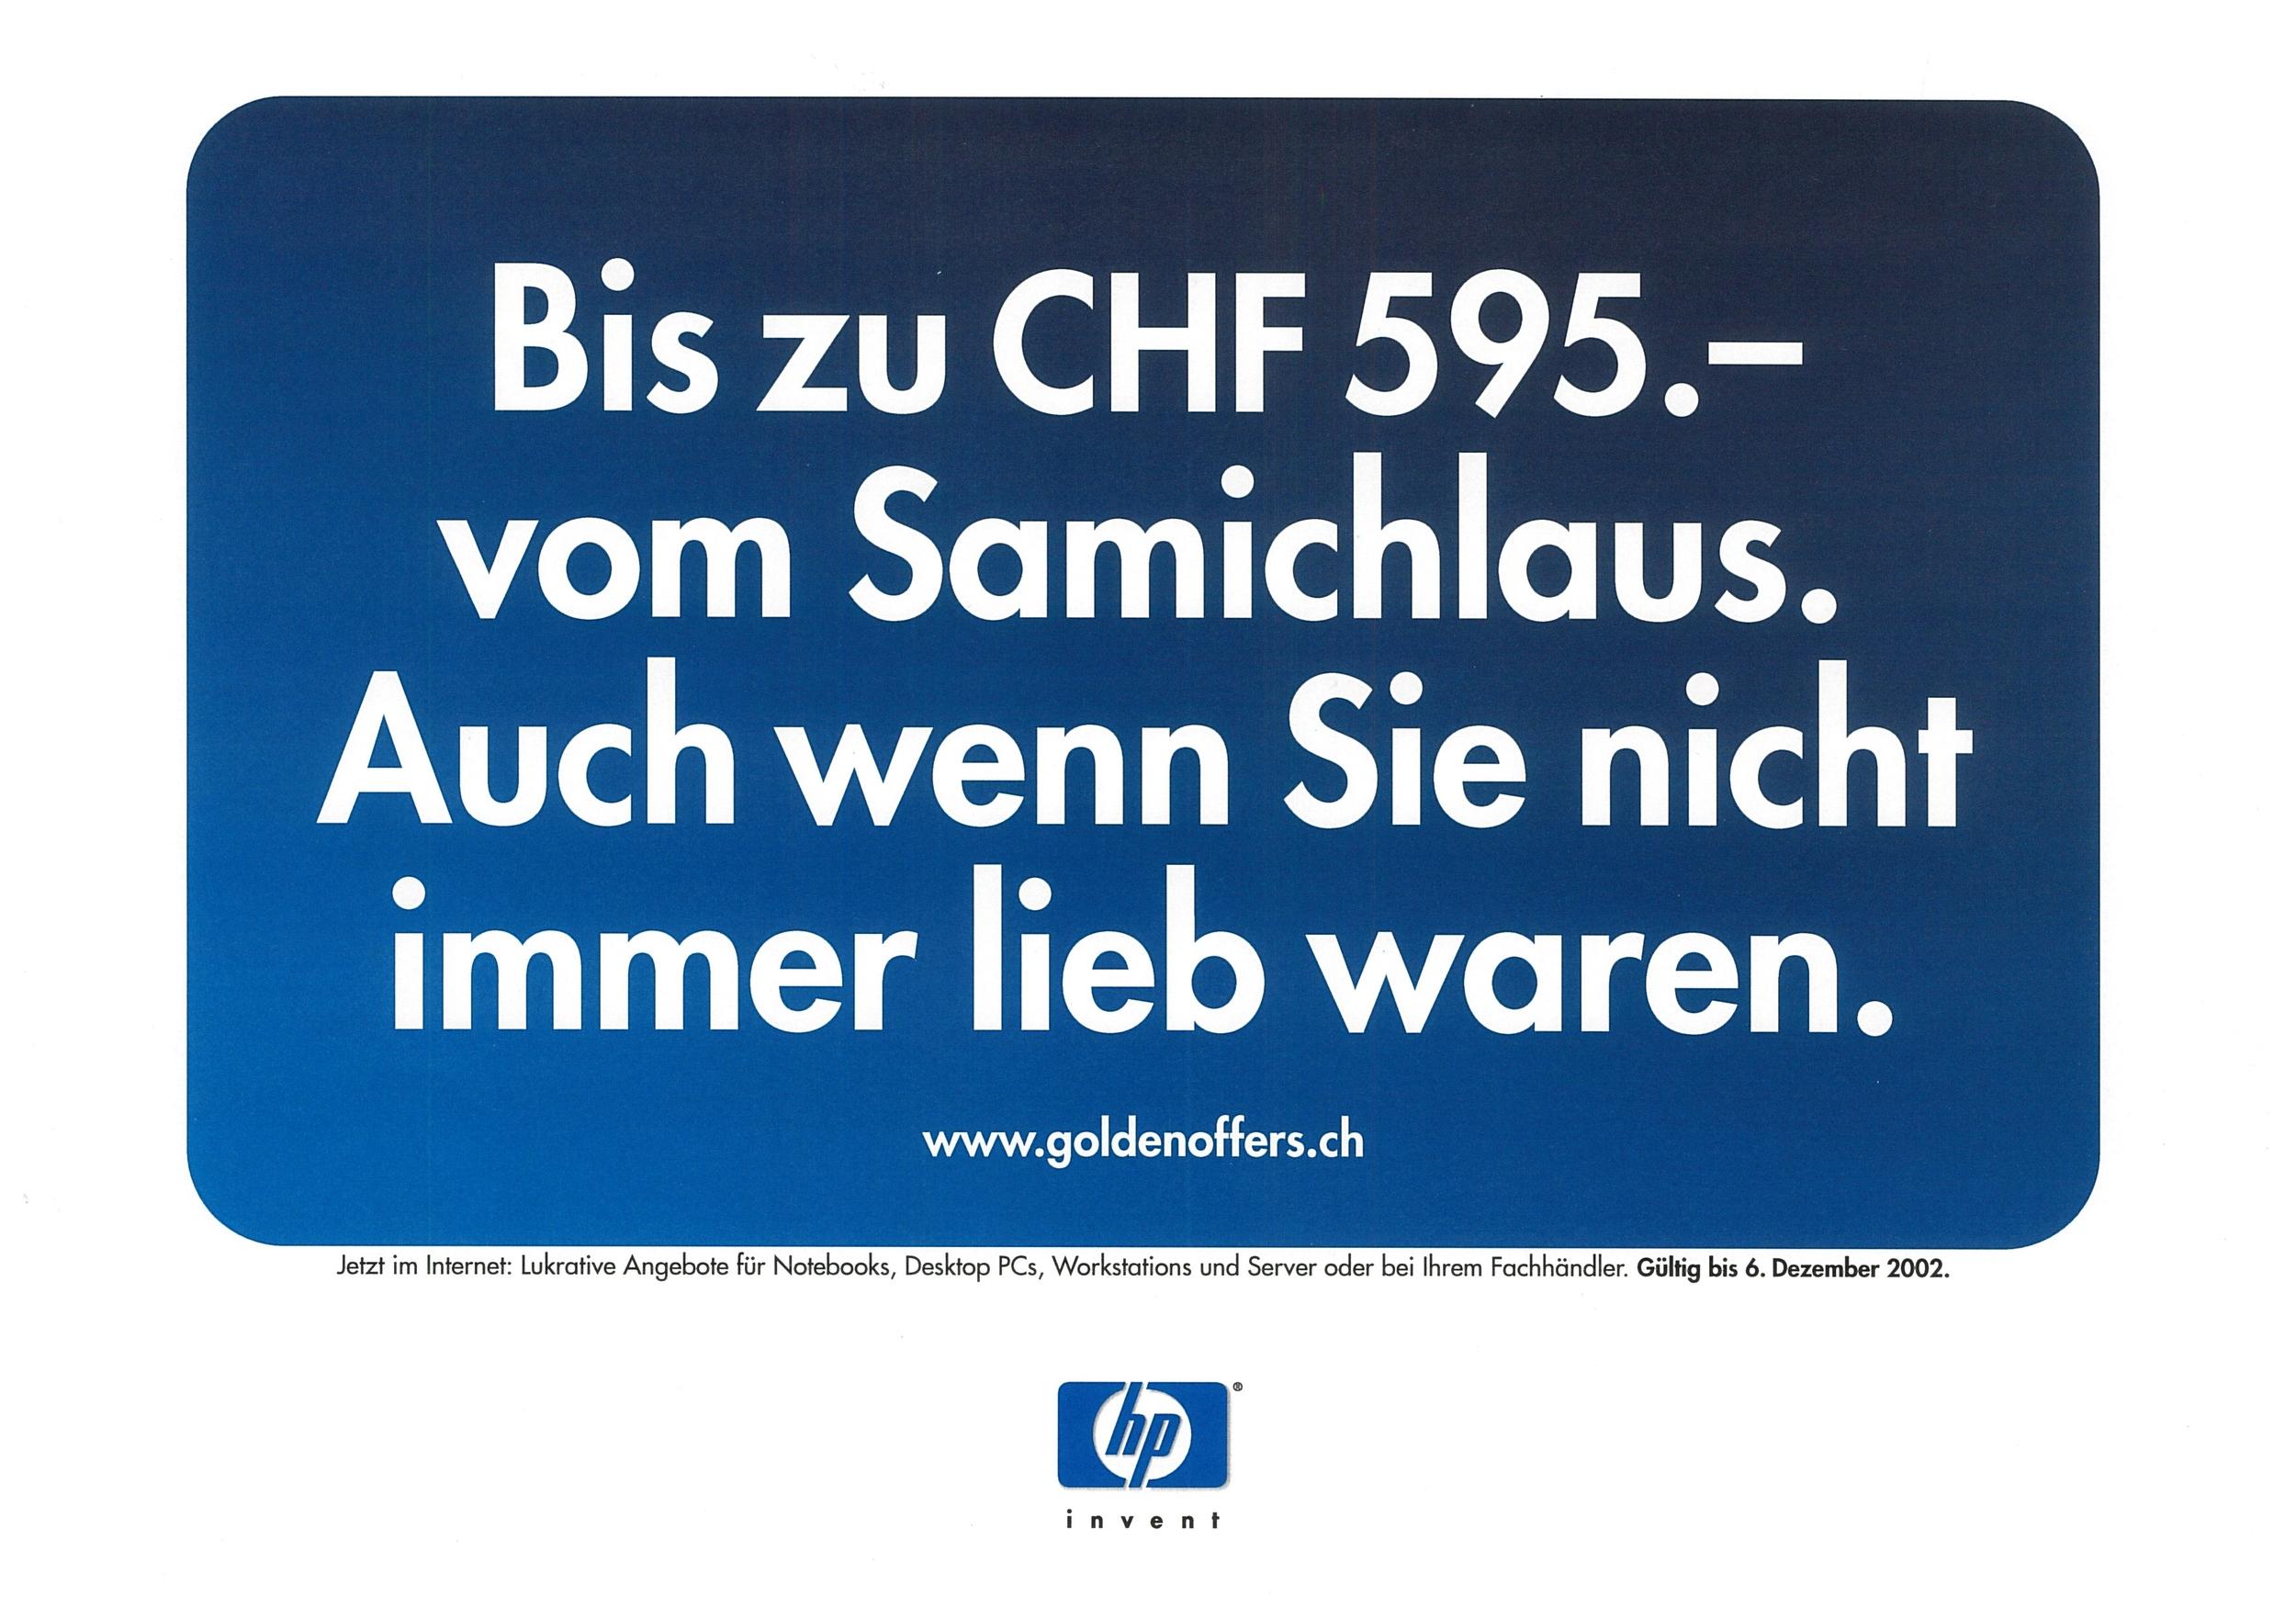 HP_1.jpg